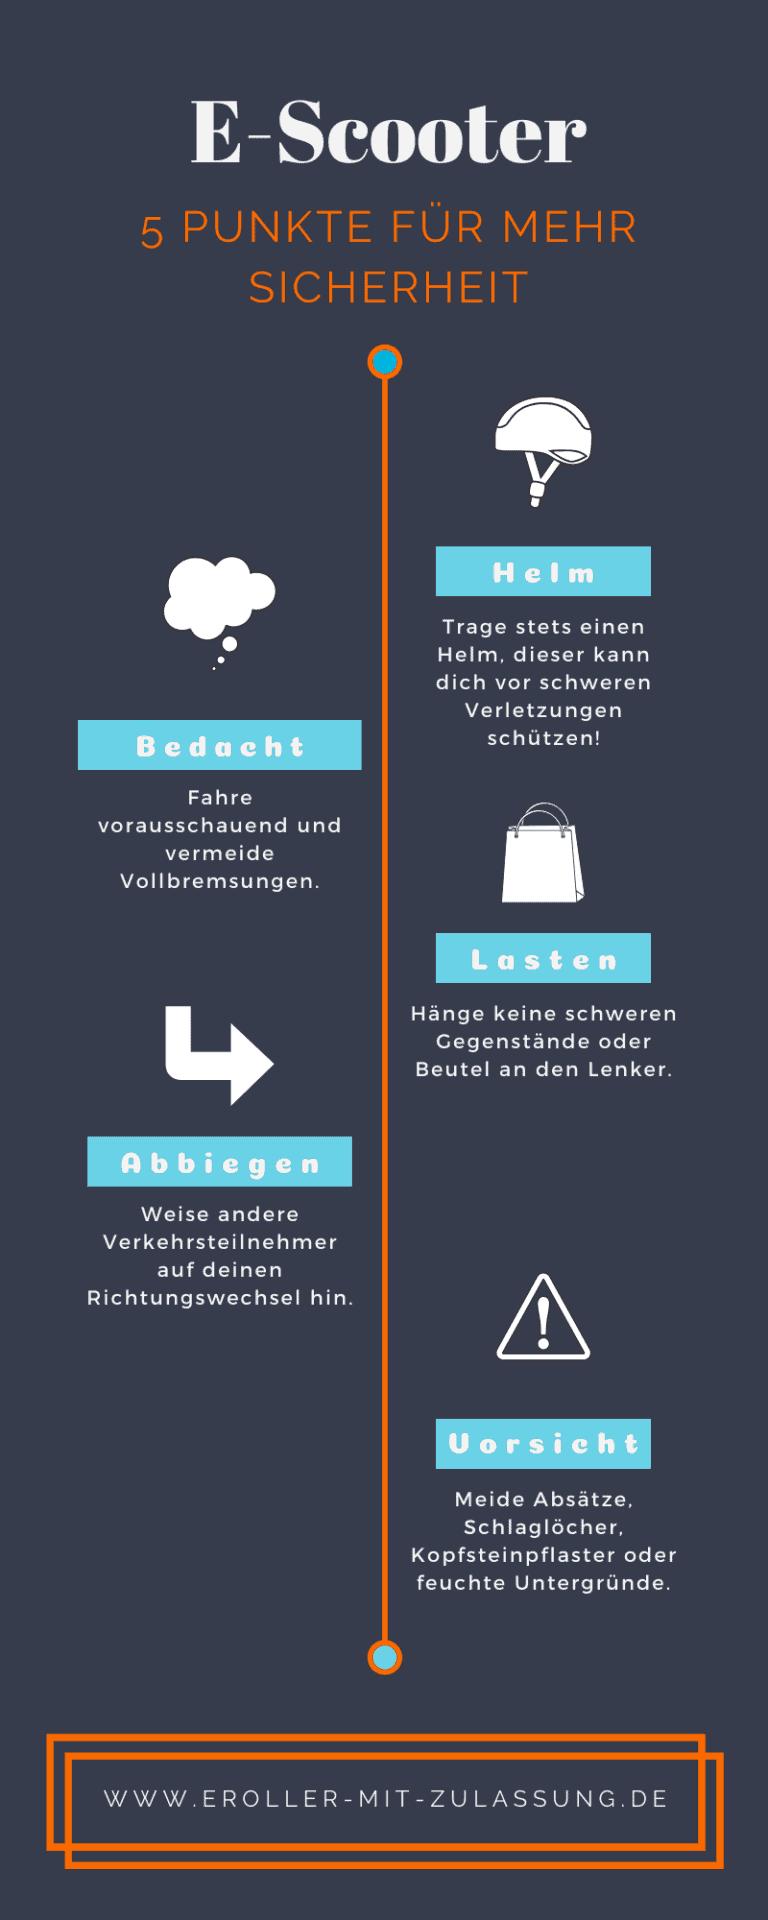 E-Scooter Sicherheit - Infografik 5 Tipps